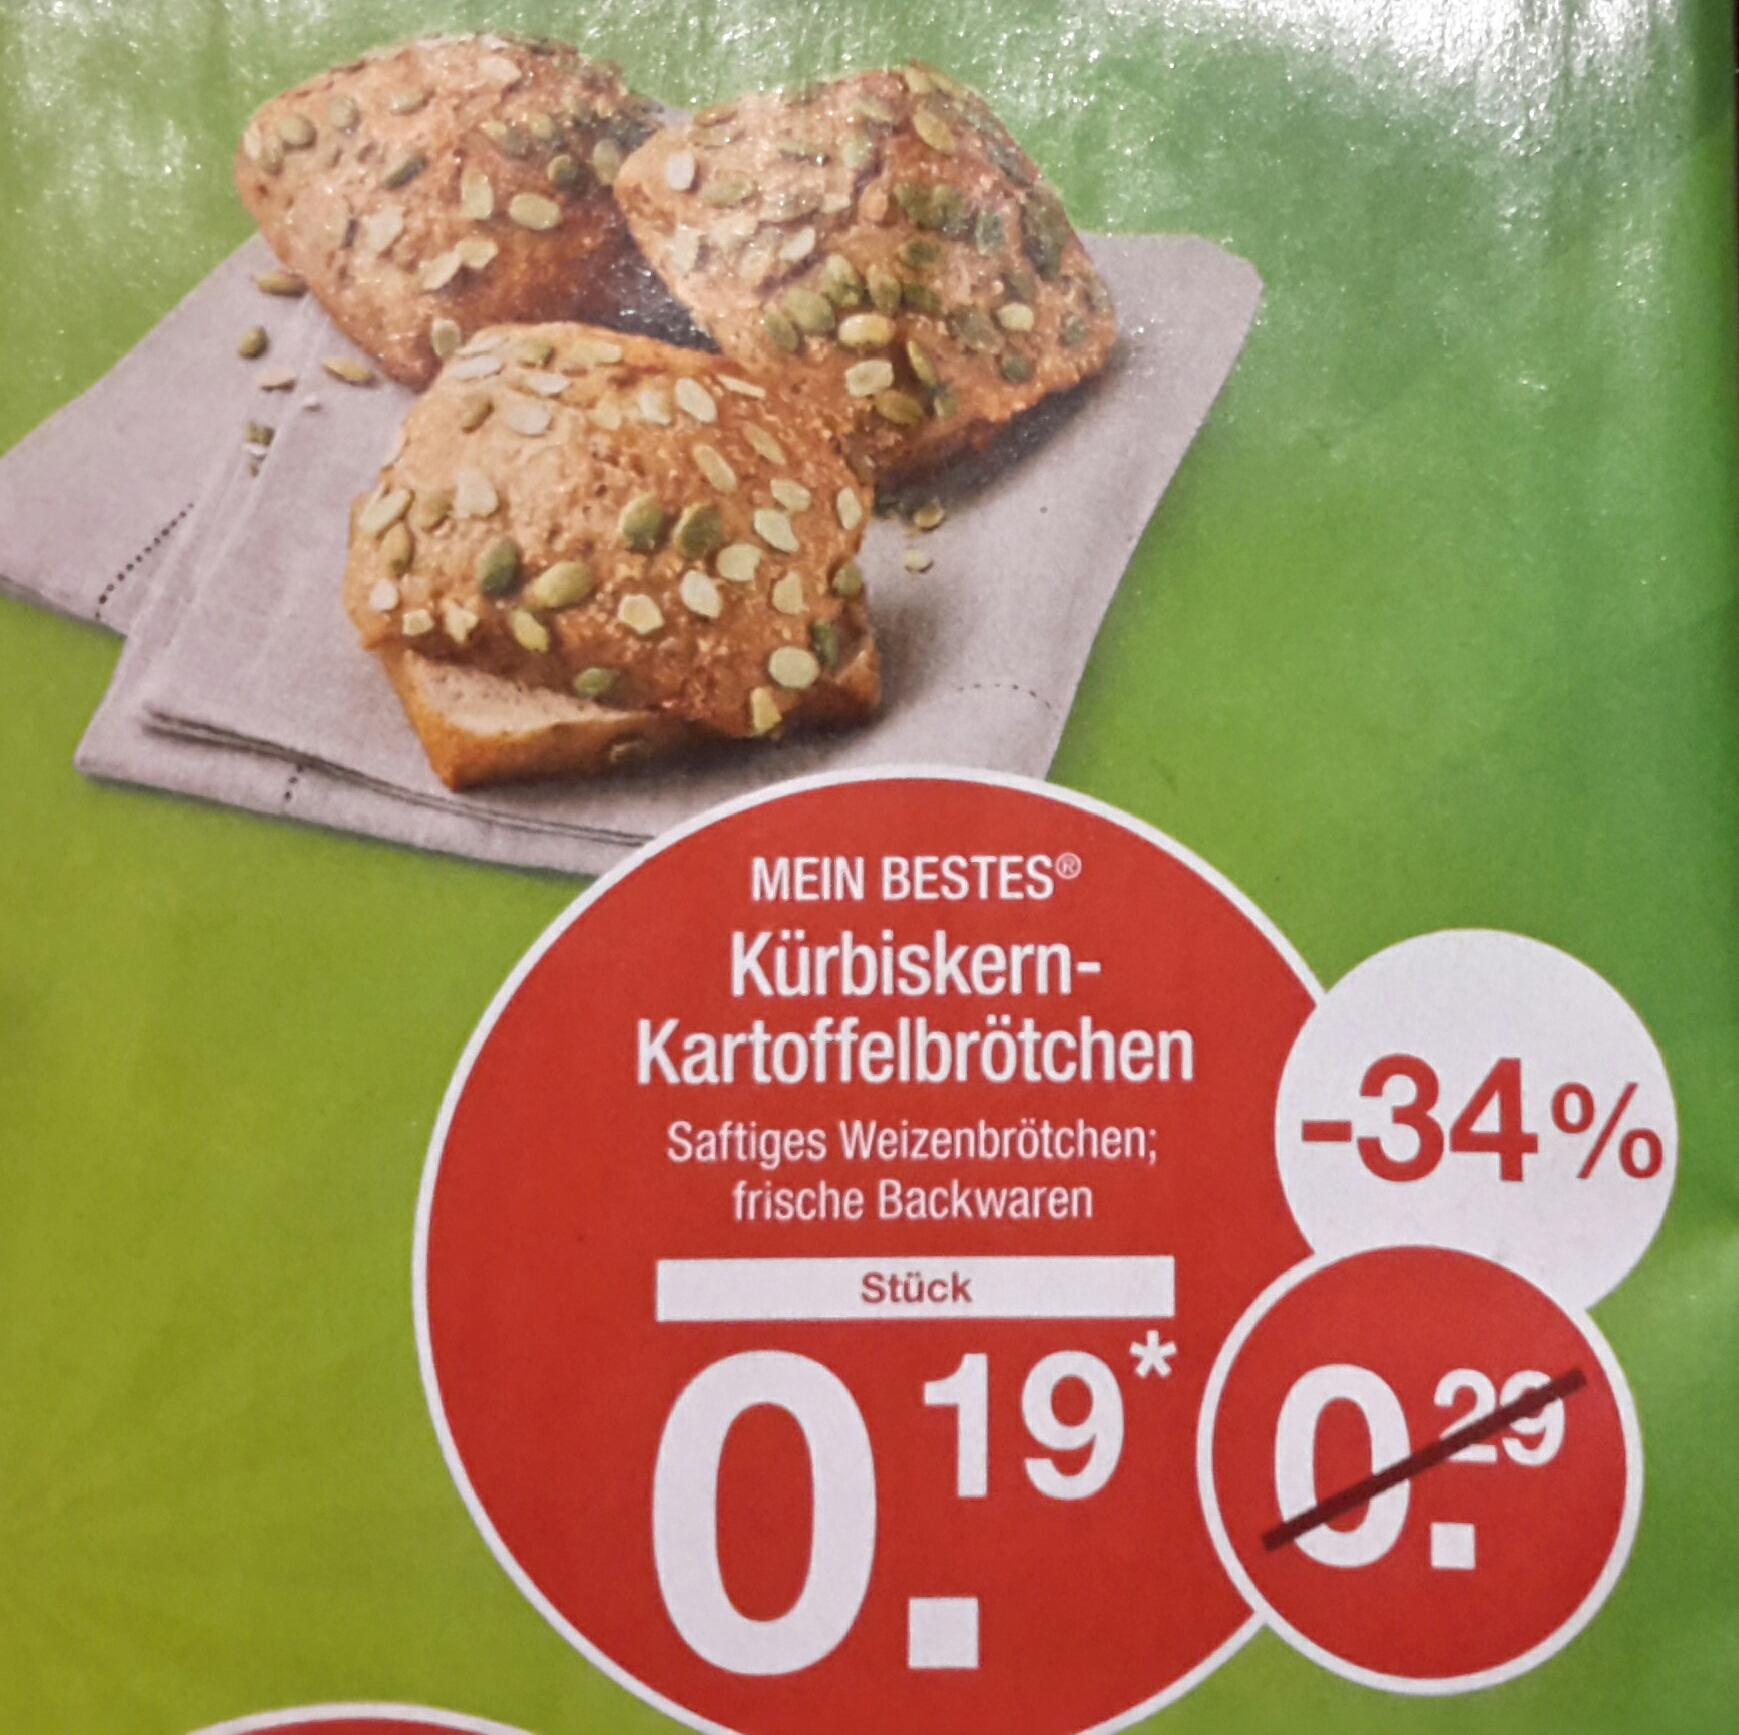 [Aldi Nord] Kürbiskern-Kartoffelbrötchen für 0,19 € ab dem 13.02.17